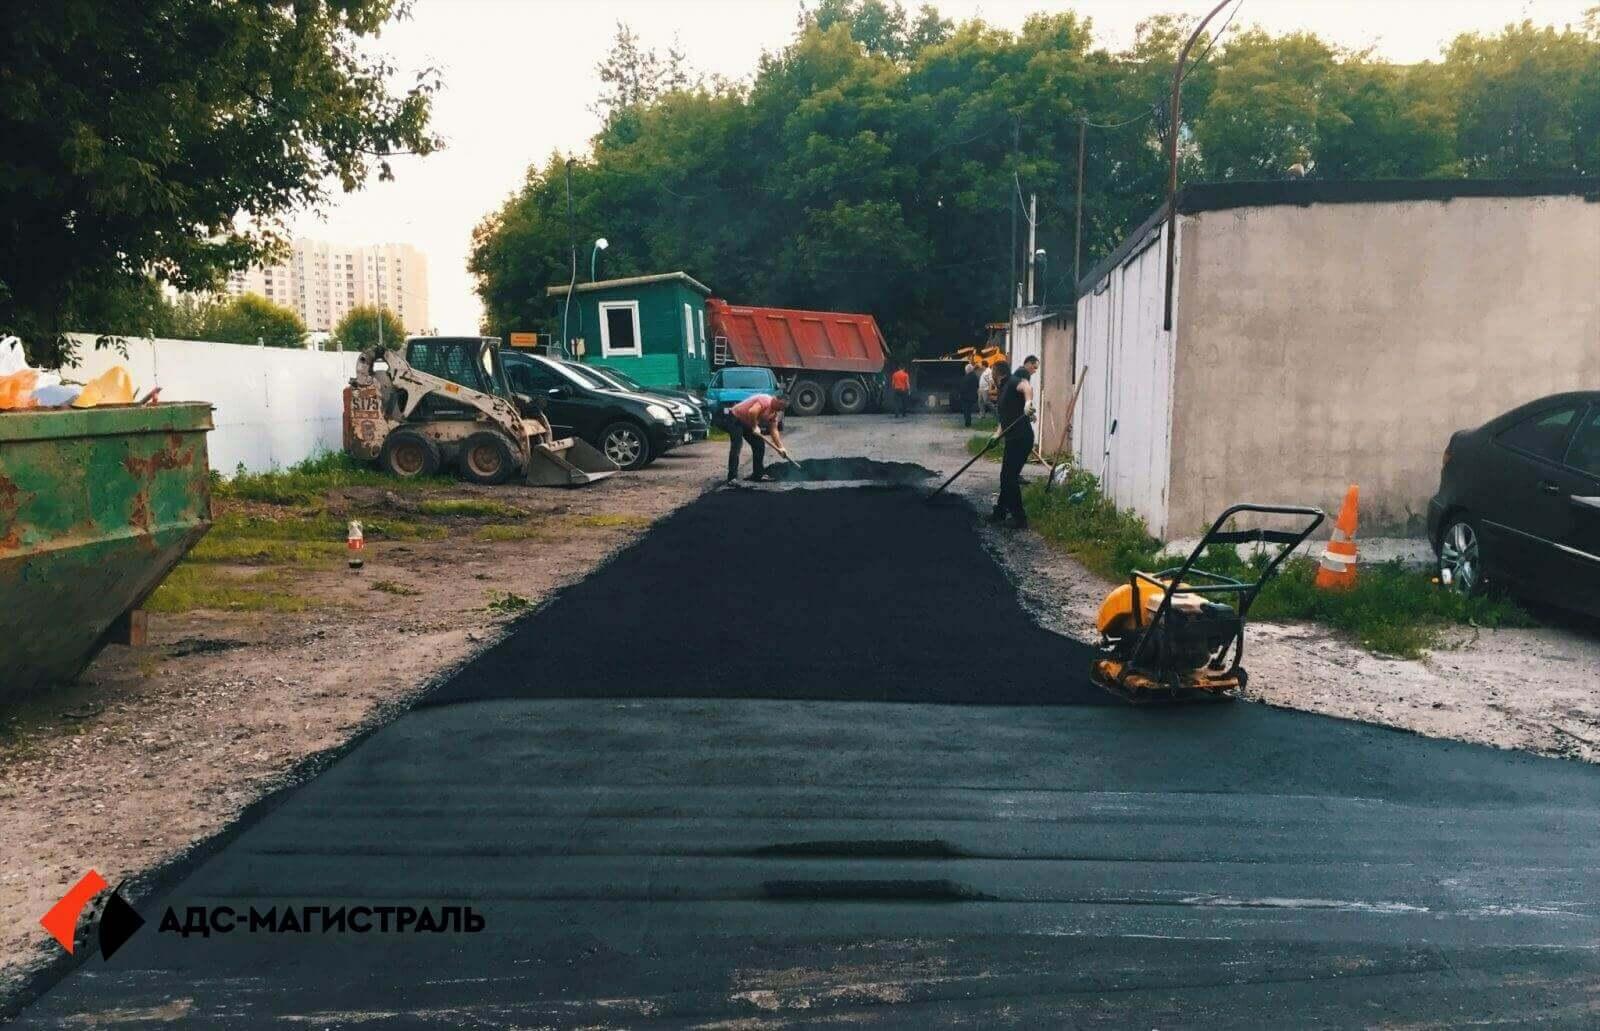 Асфальтирование территории гаражного массива фото 7